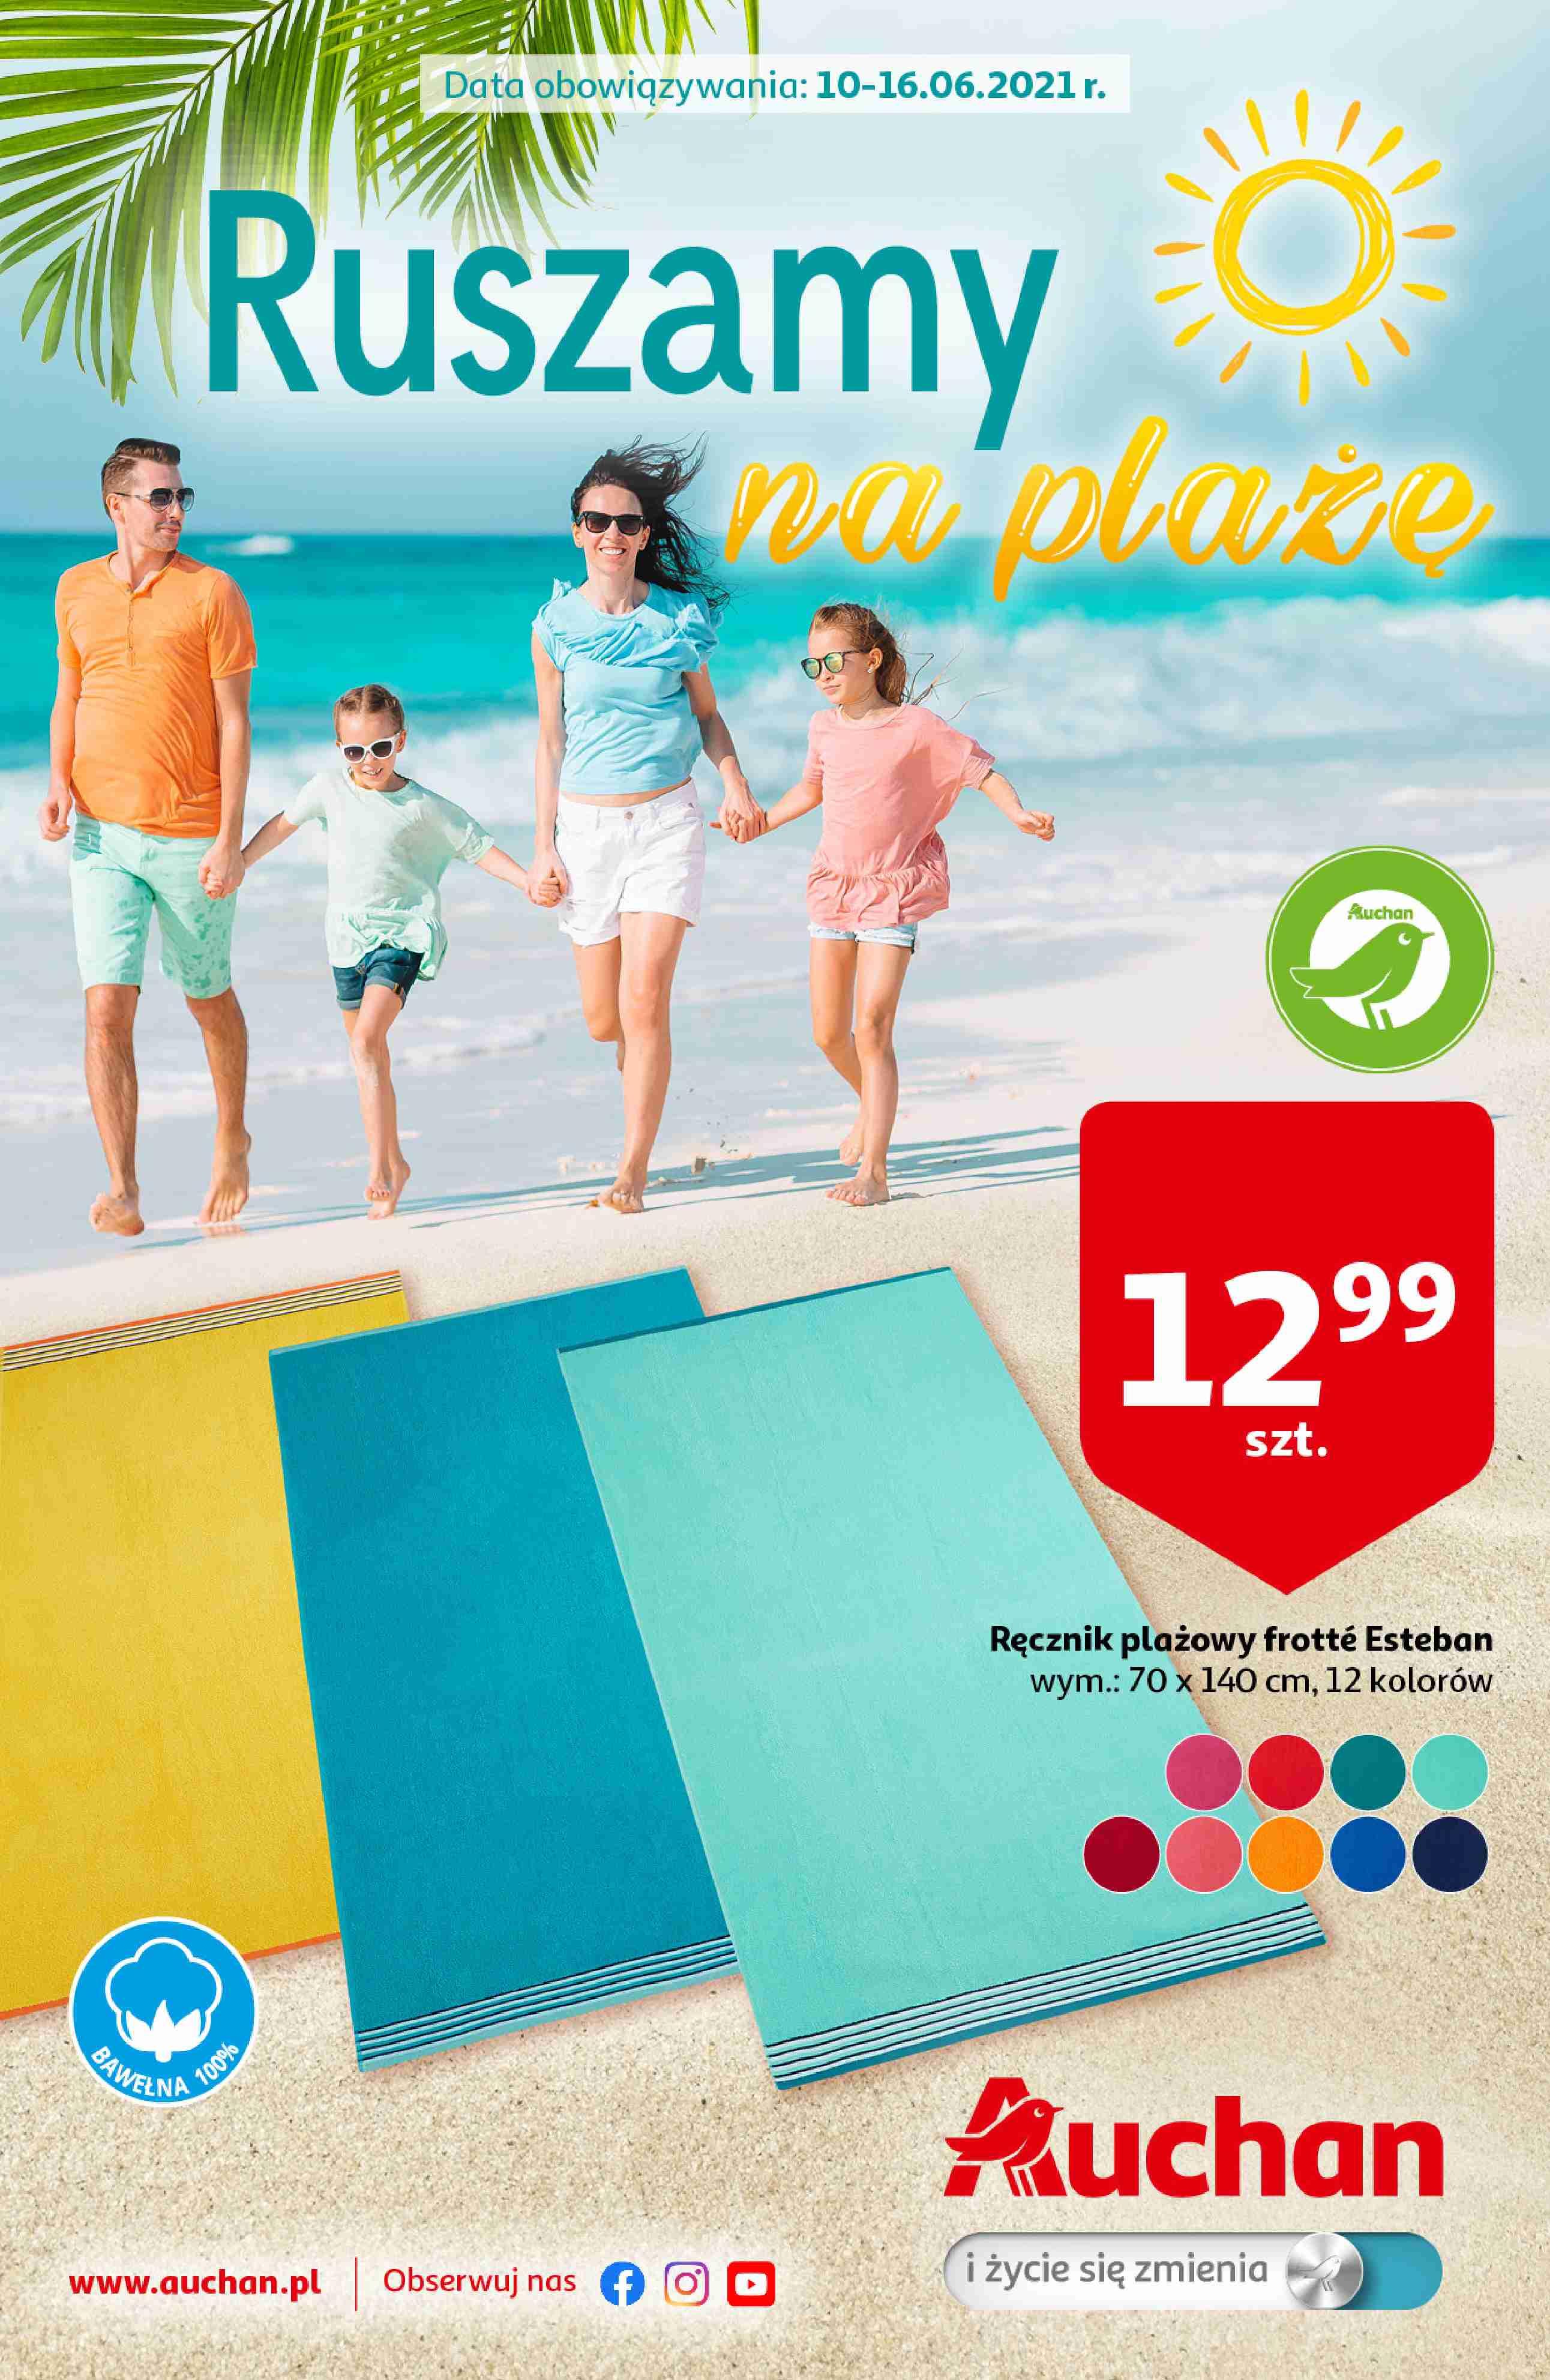 Auchan Gazetka promocyjna - Ruszamy na plażę - 10.06 - 16.06